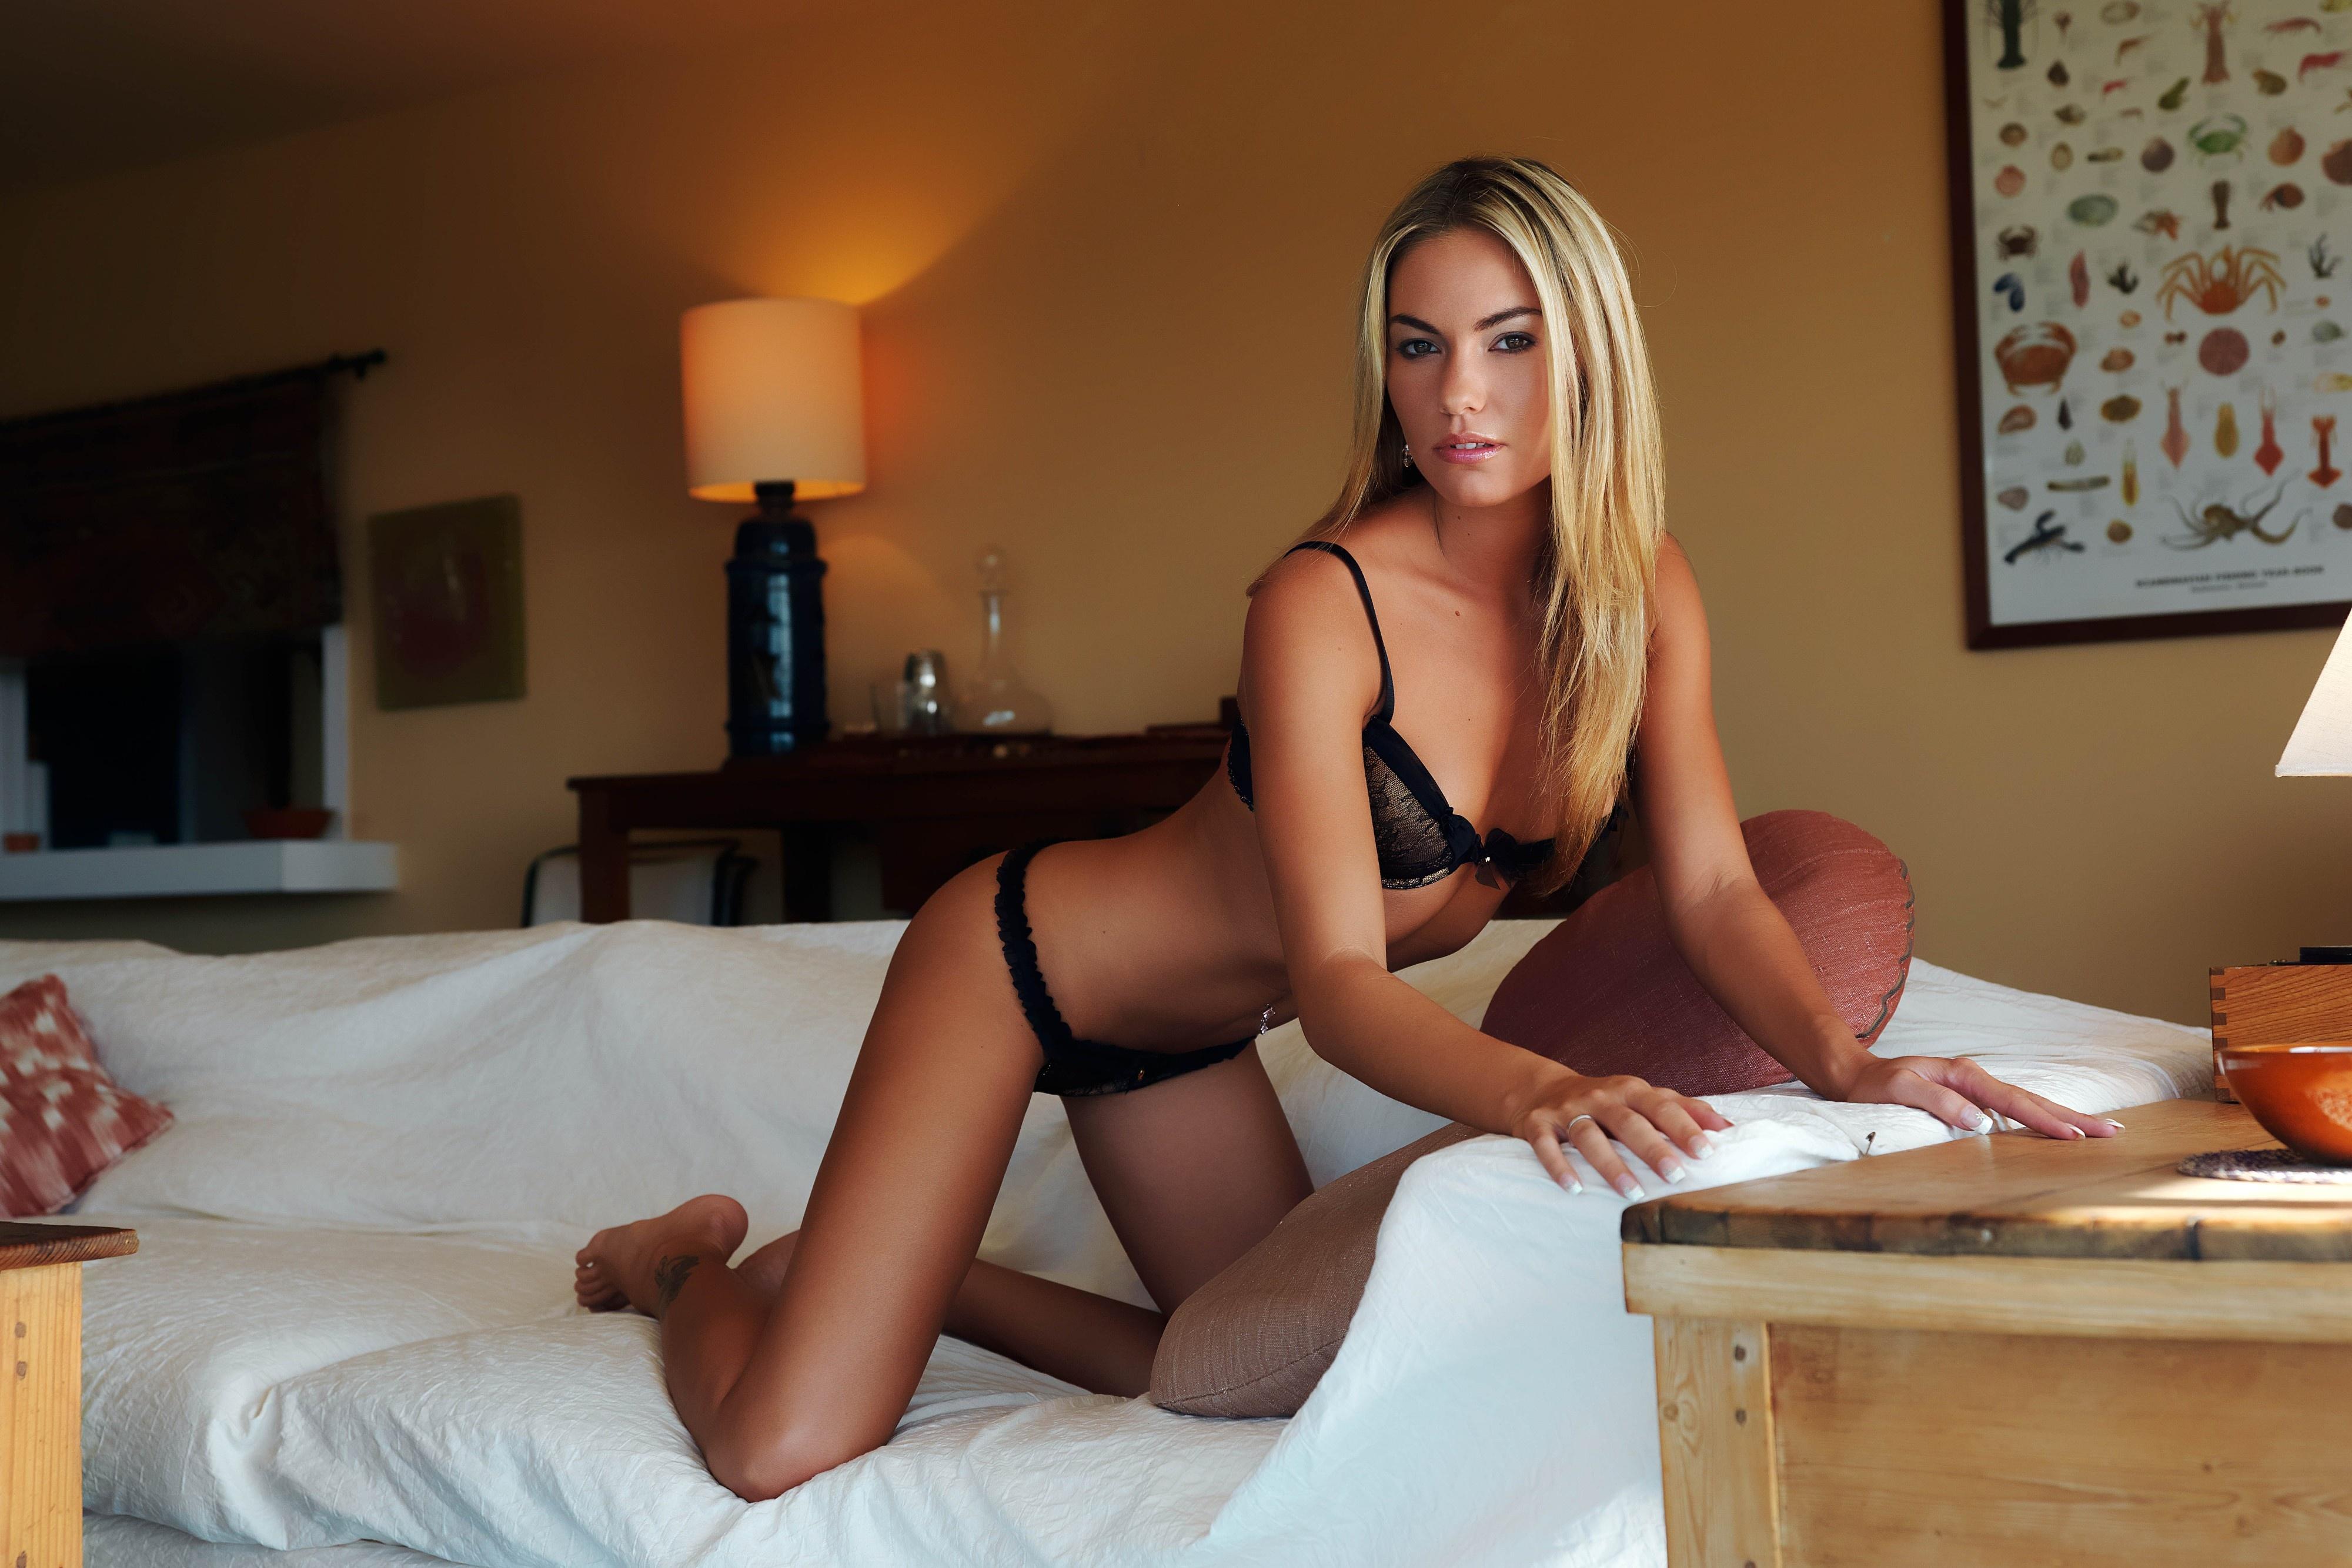 Сексапильная барышня с горячим телом шалит на диване  34771